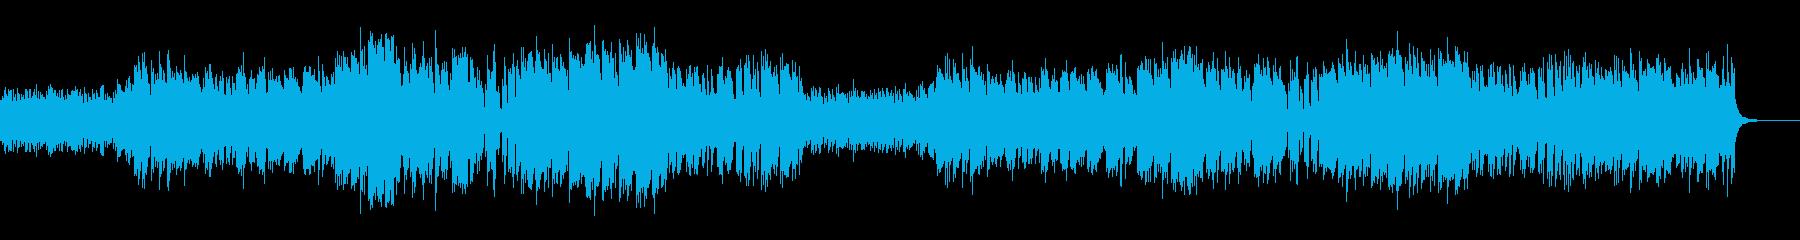 コロナウィルスの不安をエレピでの再生済みの波形